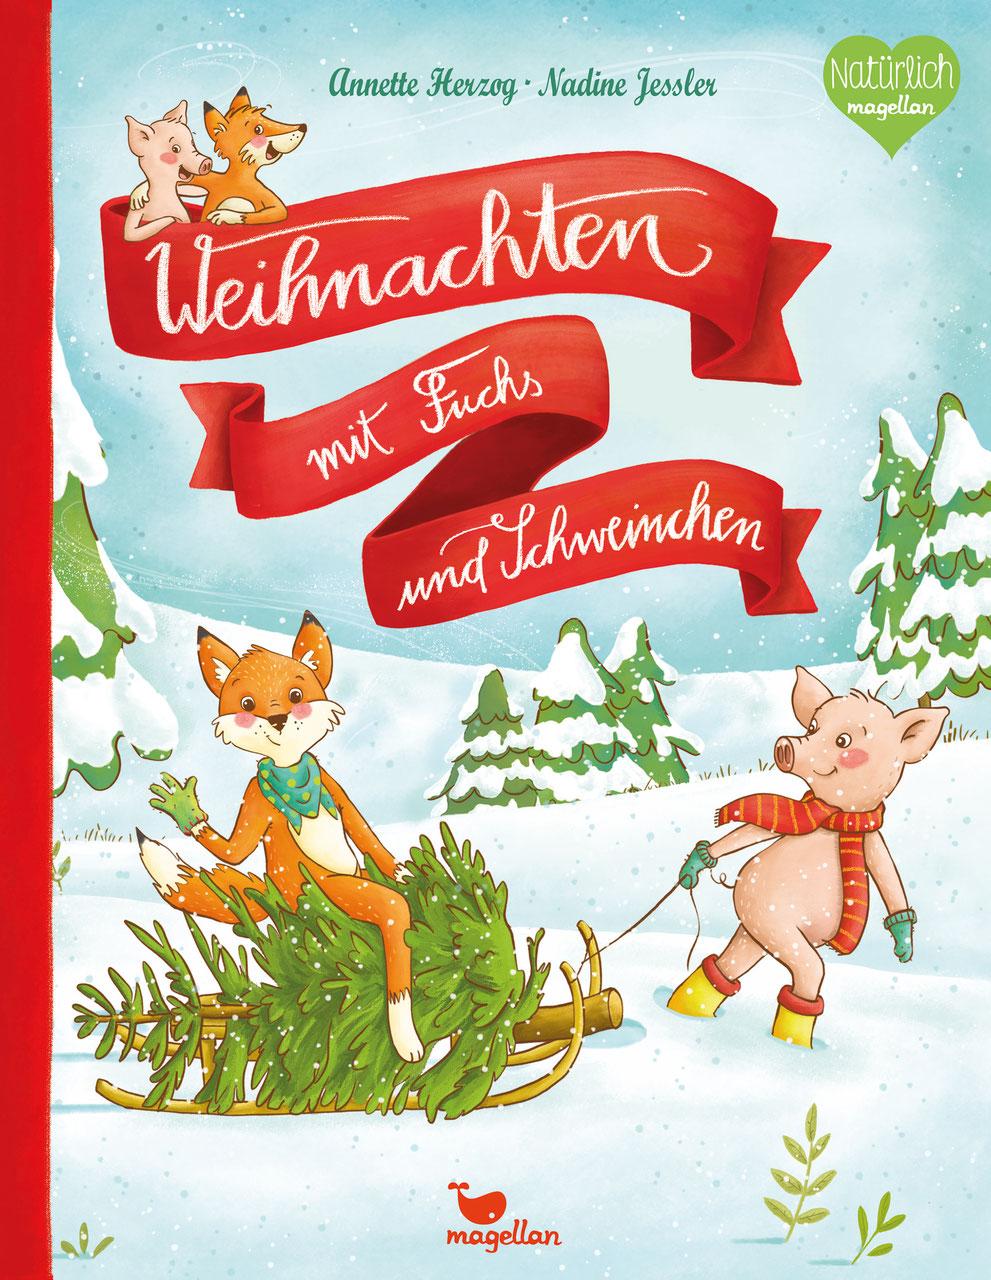 Bilder Mit Weihnachten.Weihnachten Magellan Verlag